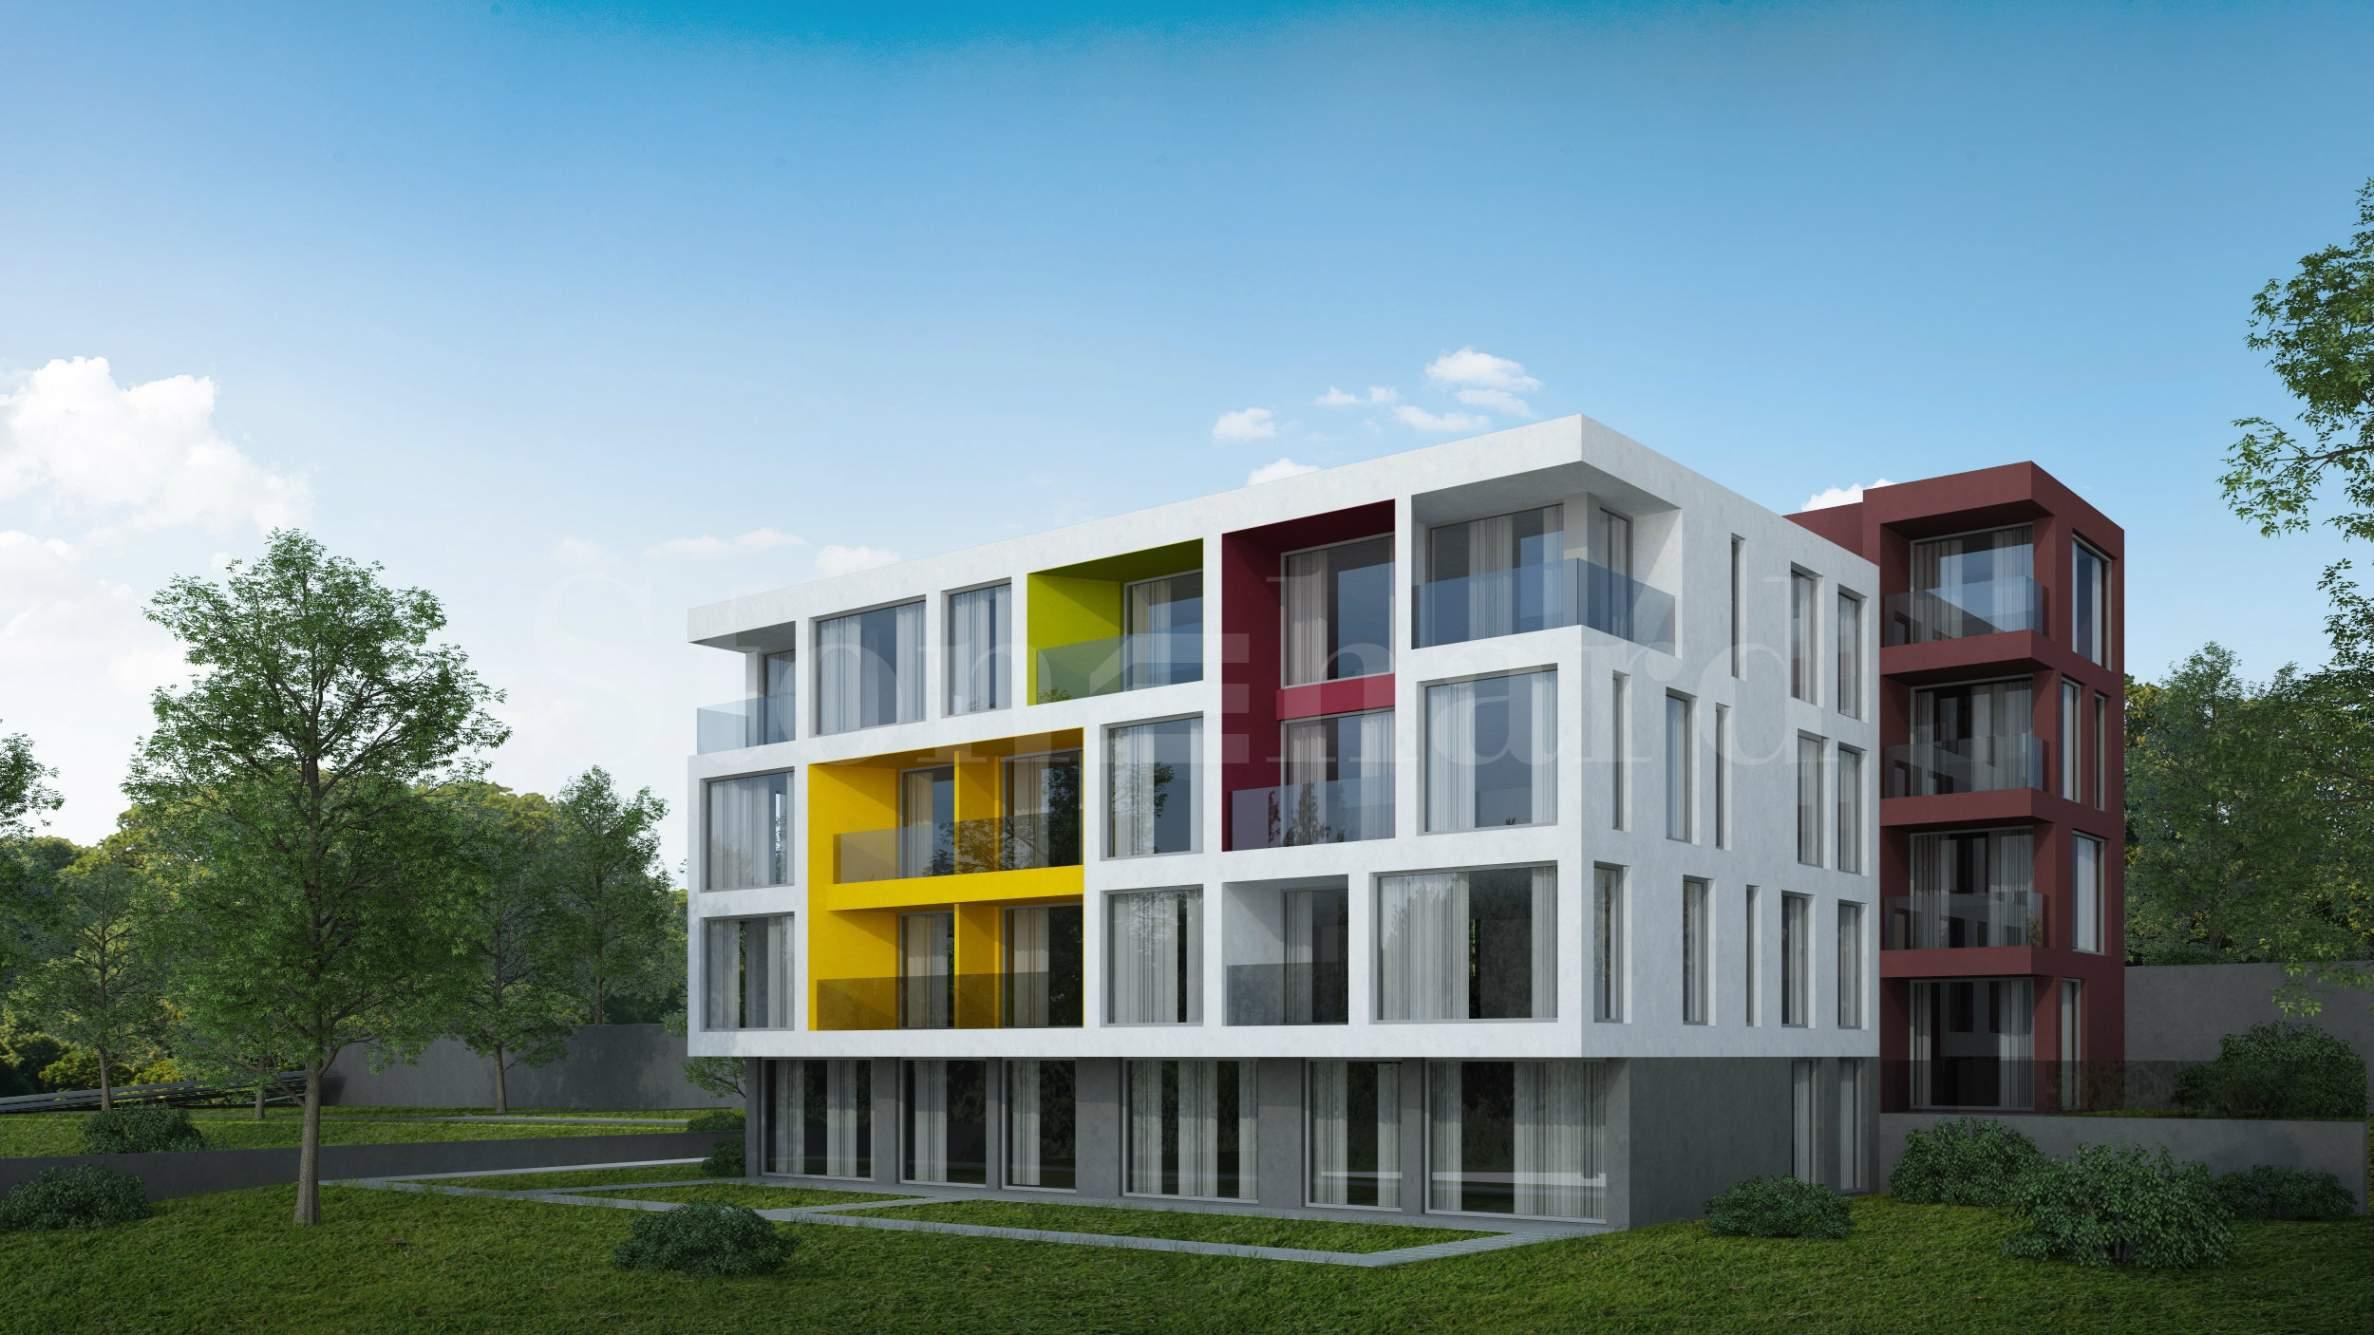 Aпартаменти с отлична локация и морска панорама в кв. Траката2 - Stonehard